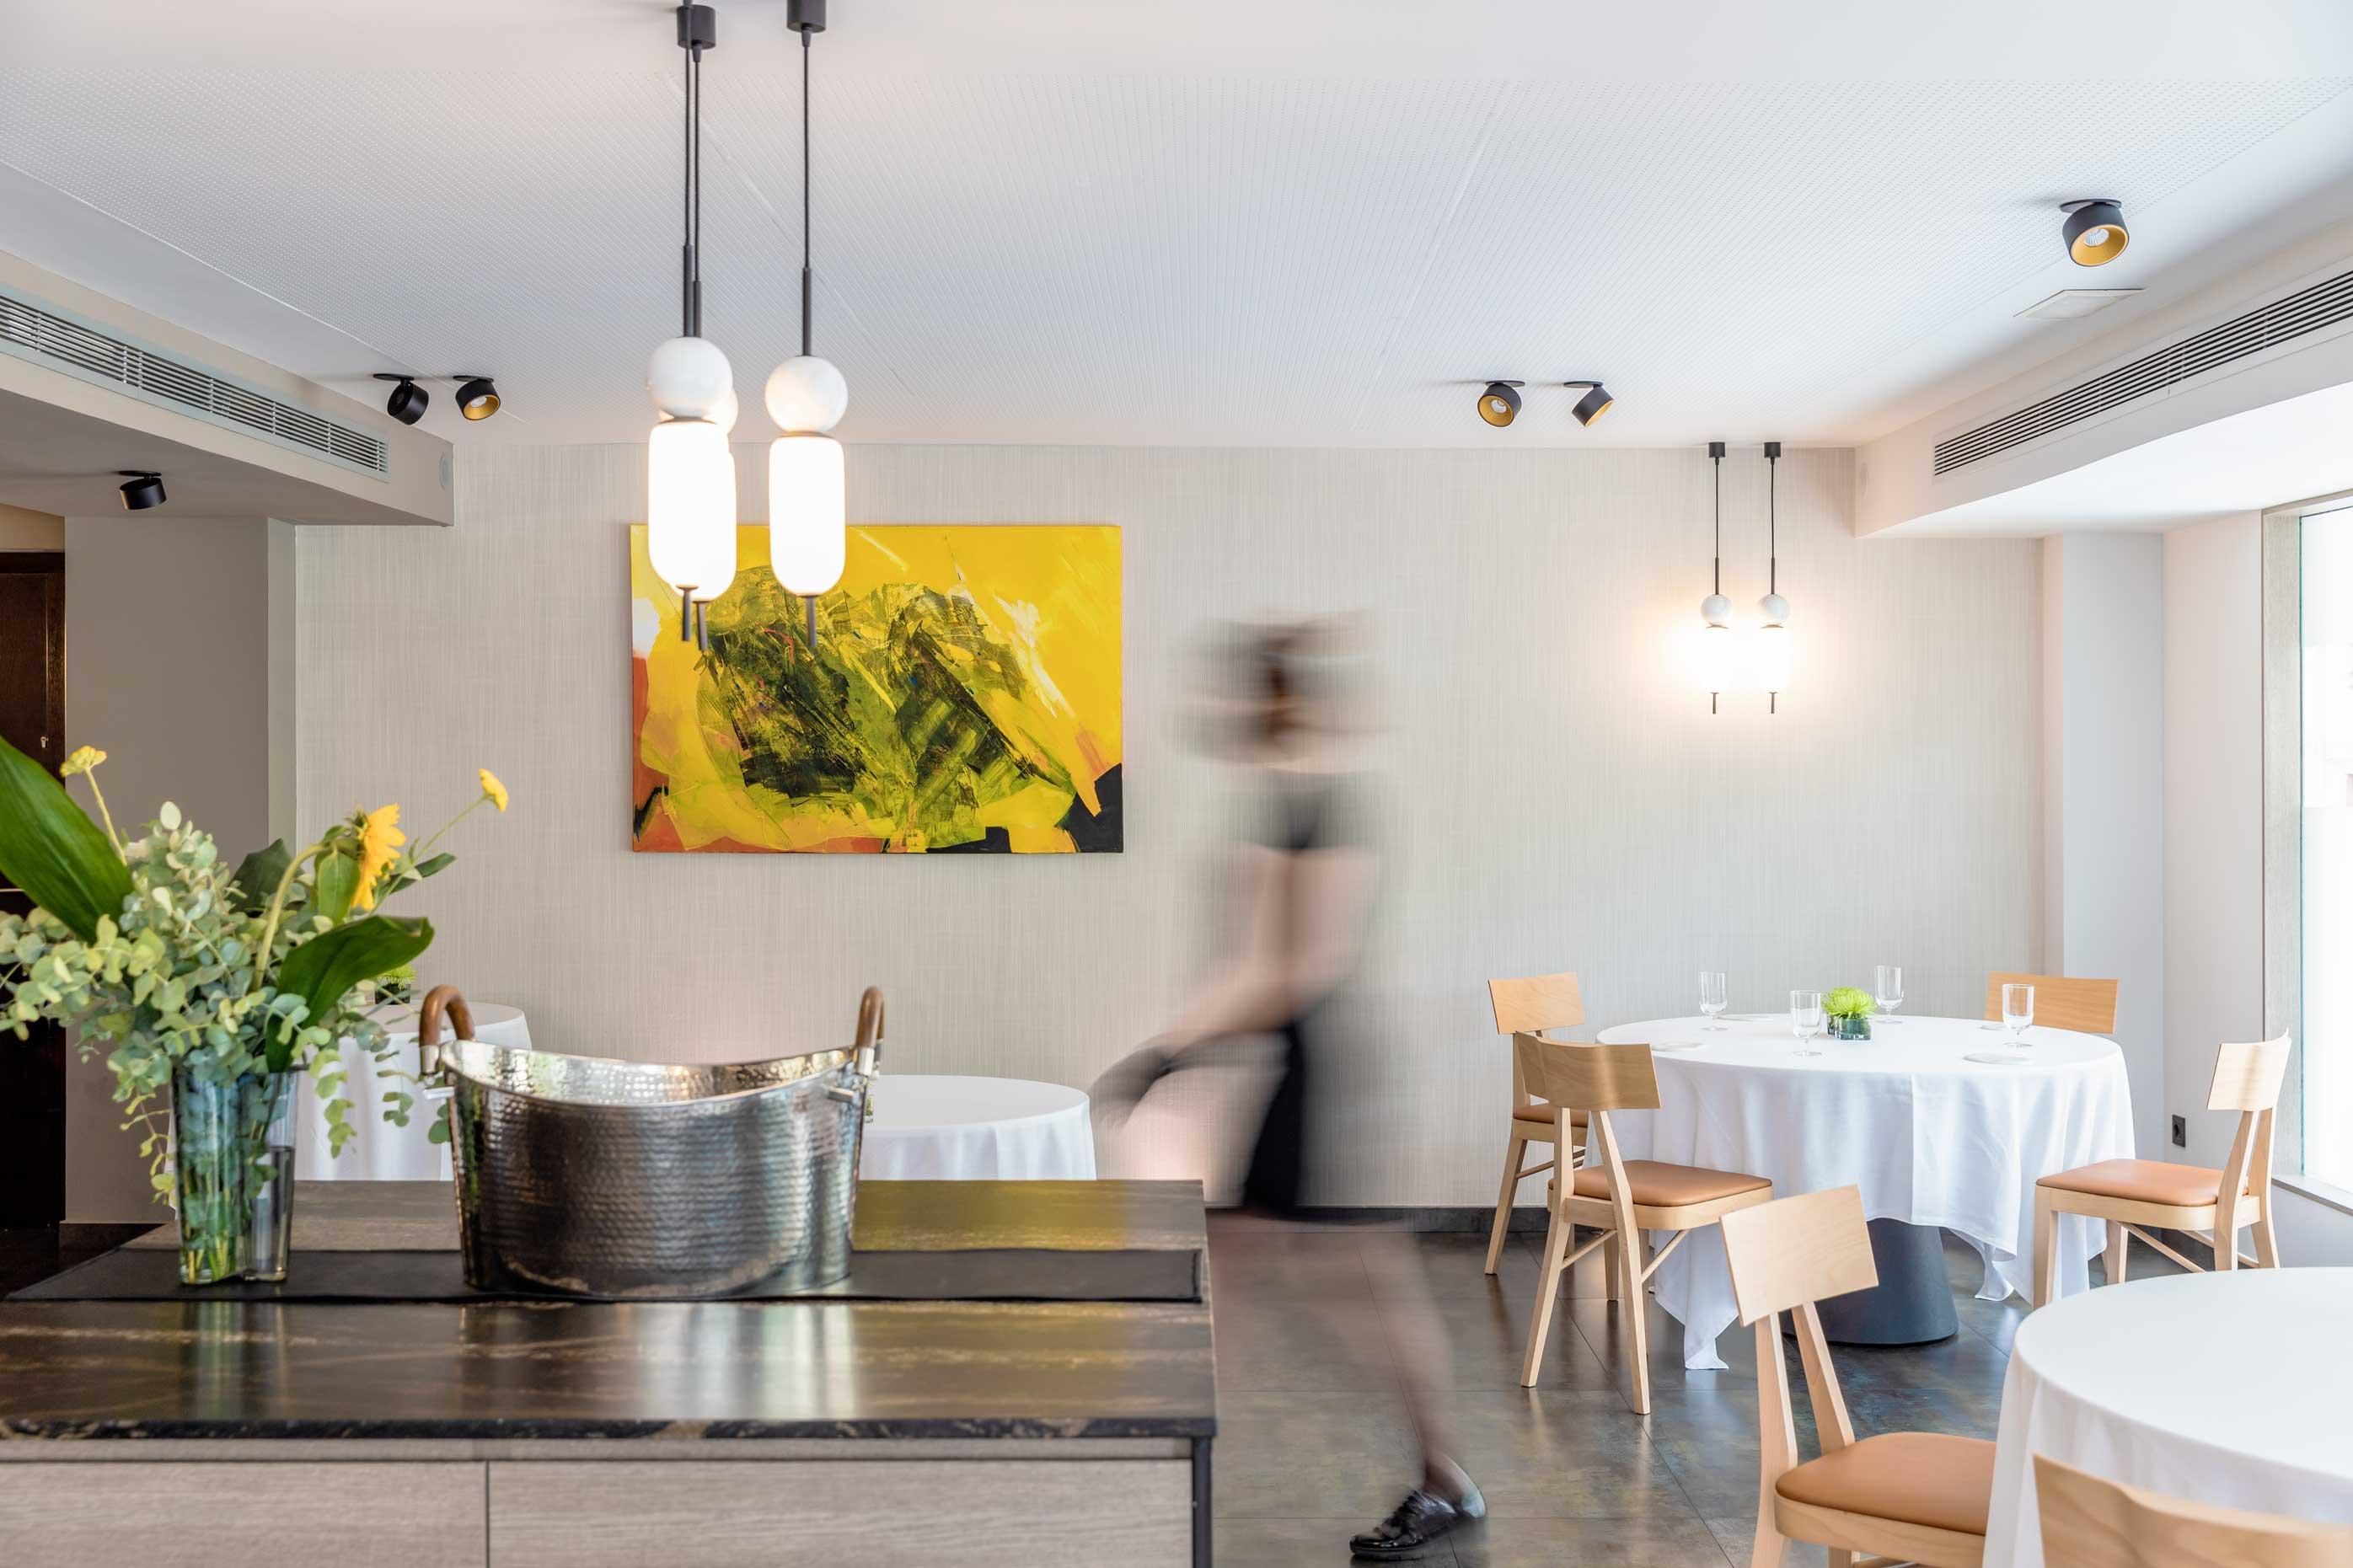 cancook-restaurante-michelin-estrella-xoel-burgues-fotografo-fotografia-interiorismo-zaragoza-1